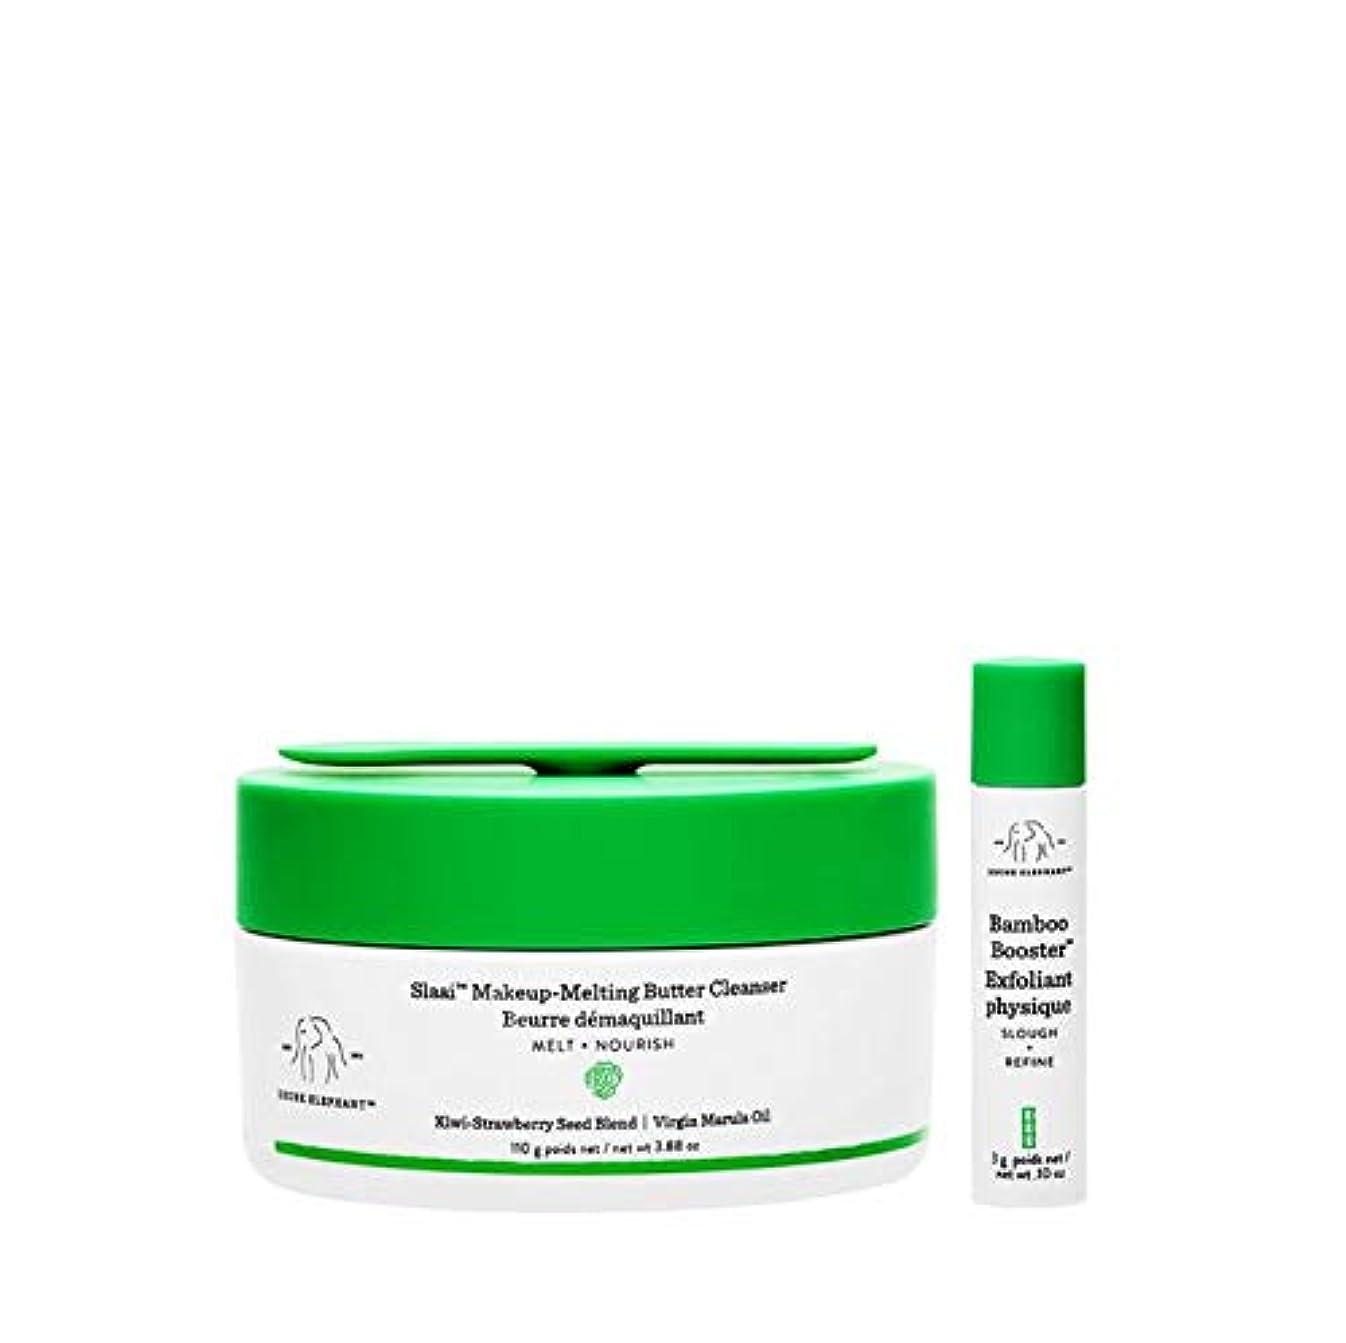 ピル外国人考えるDRUNK ELEPHANT Slaai Makeup-Melting Butter Cleanser ドランクエレファント スラエー メーカップ メルティング バター クレンザー 110g